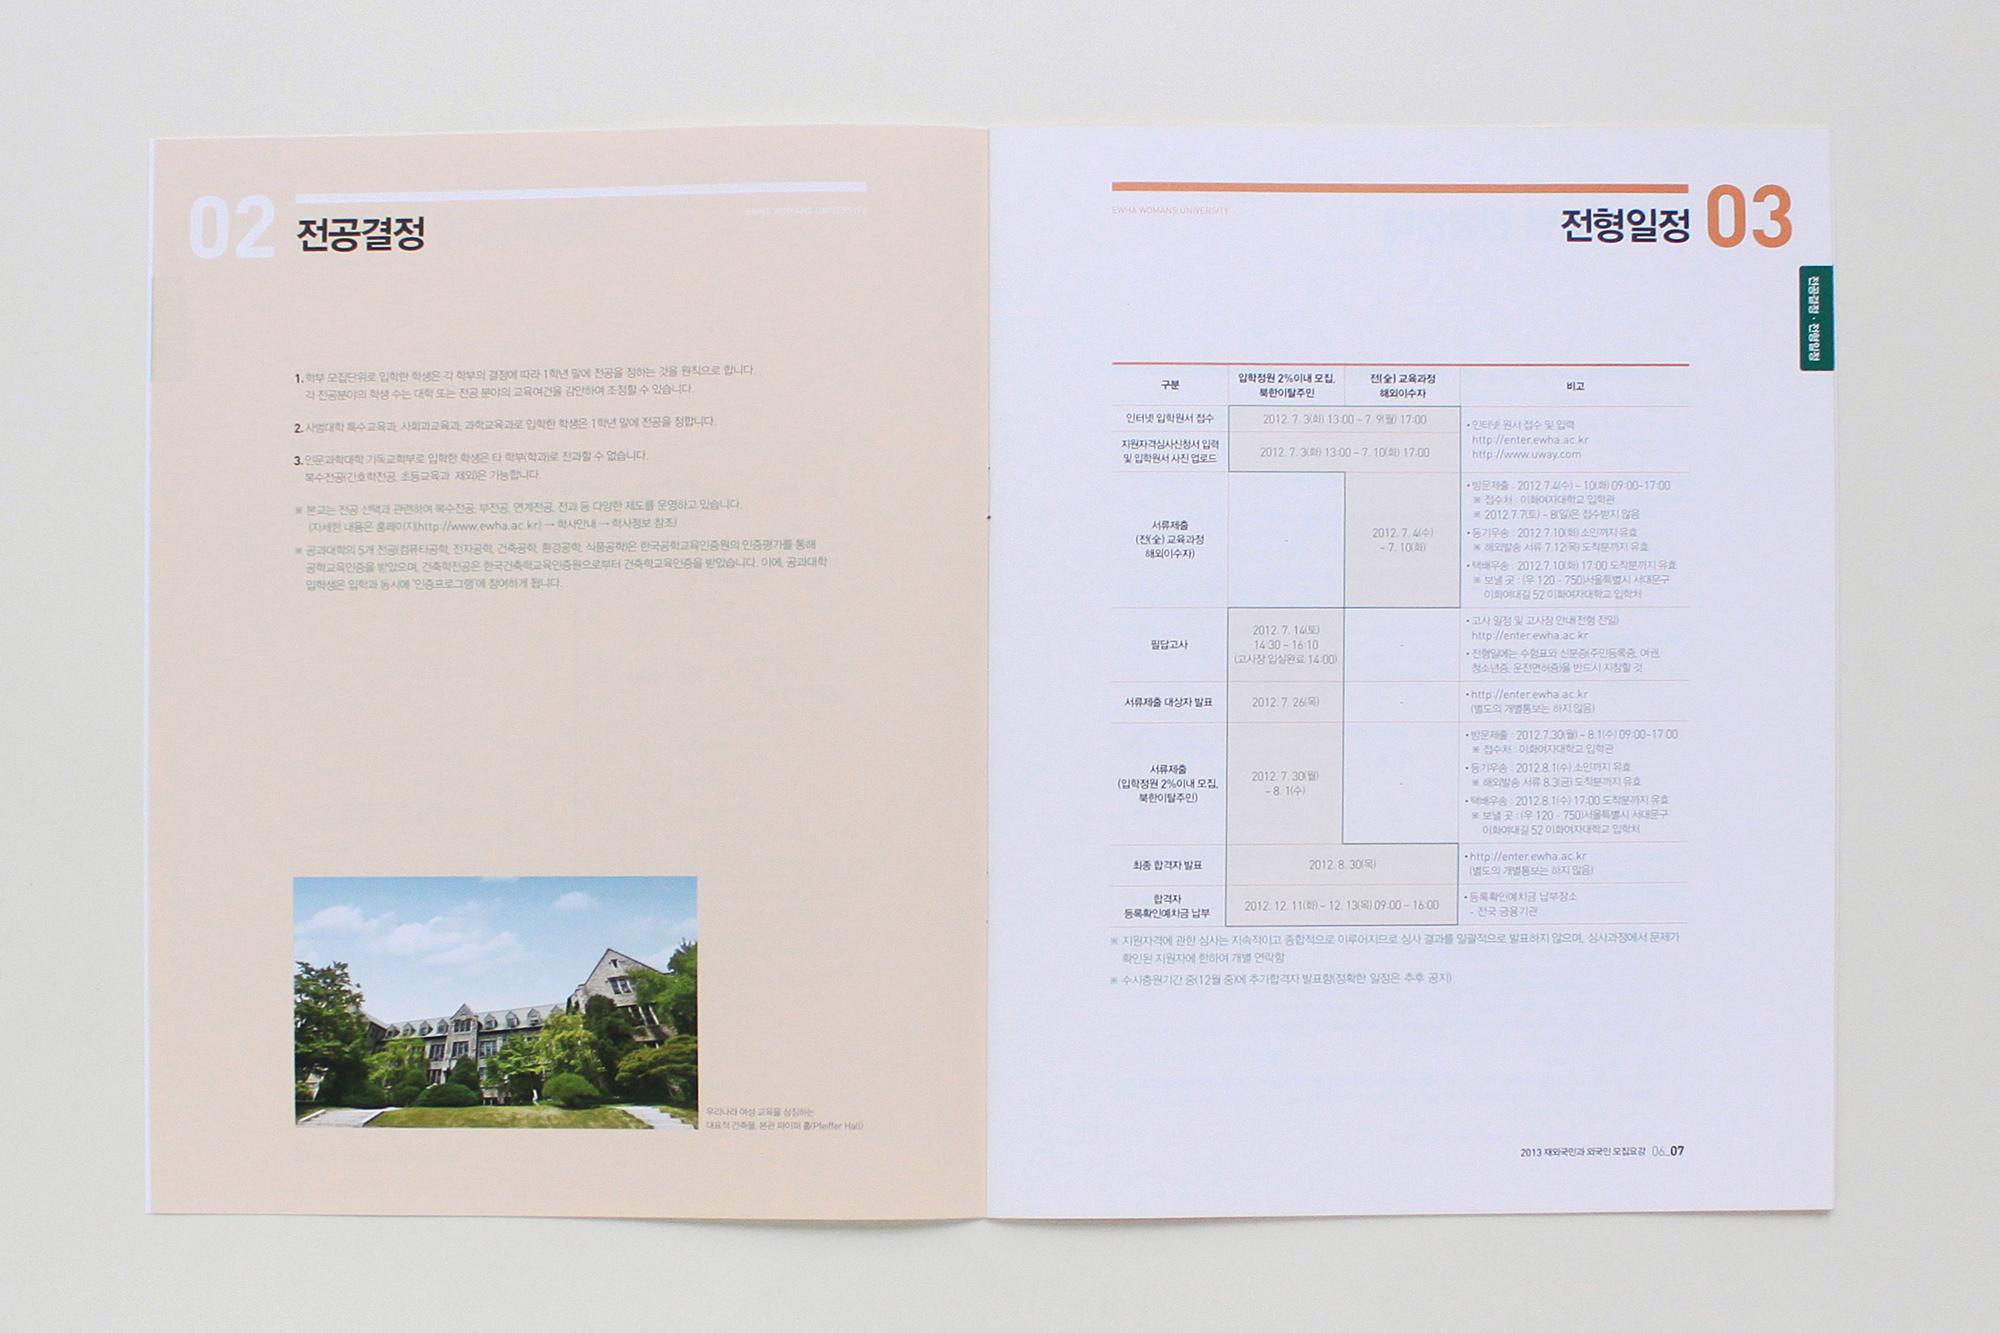 2013-이화재외국민약학대학요강 (4)